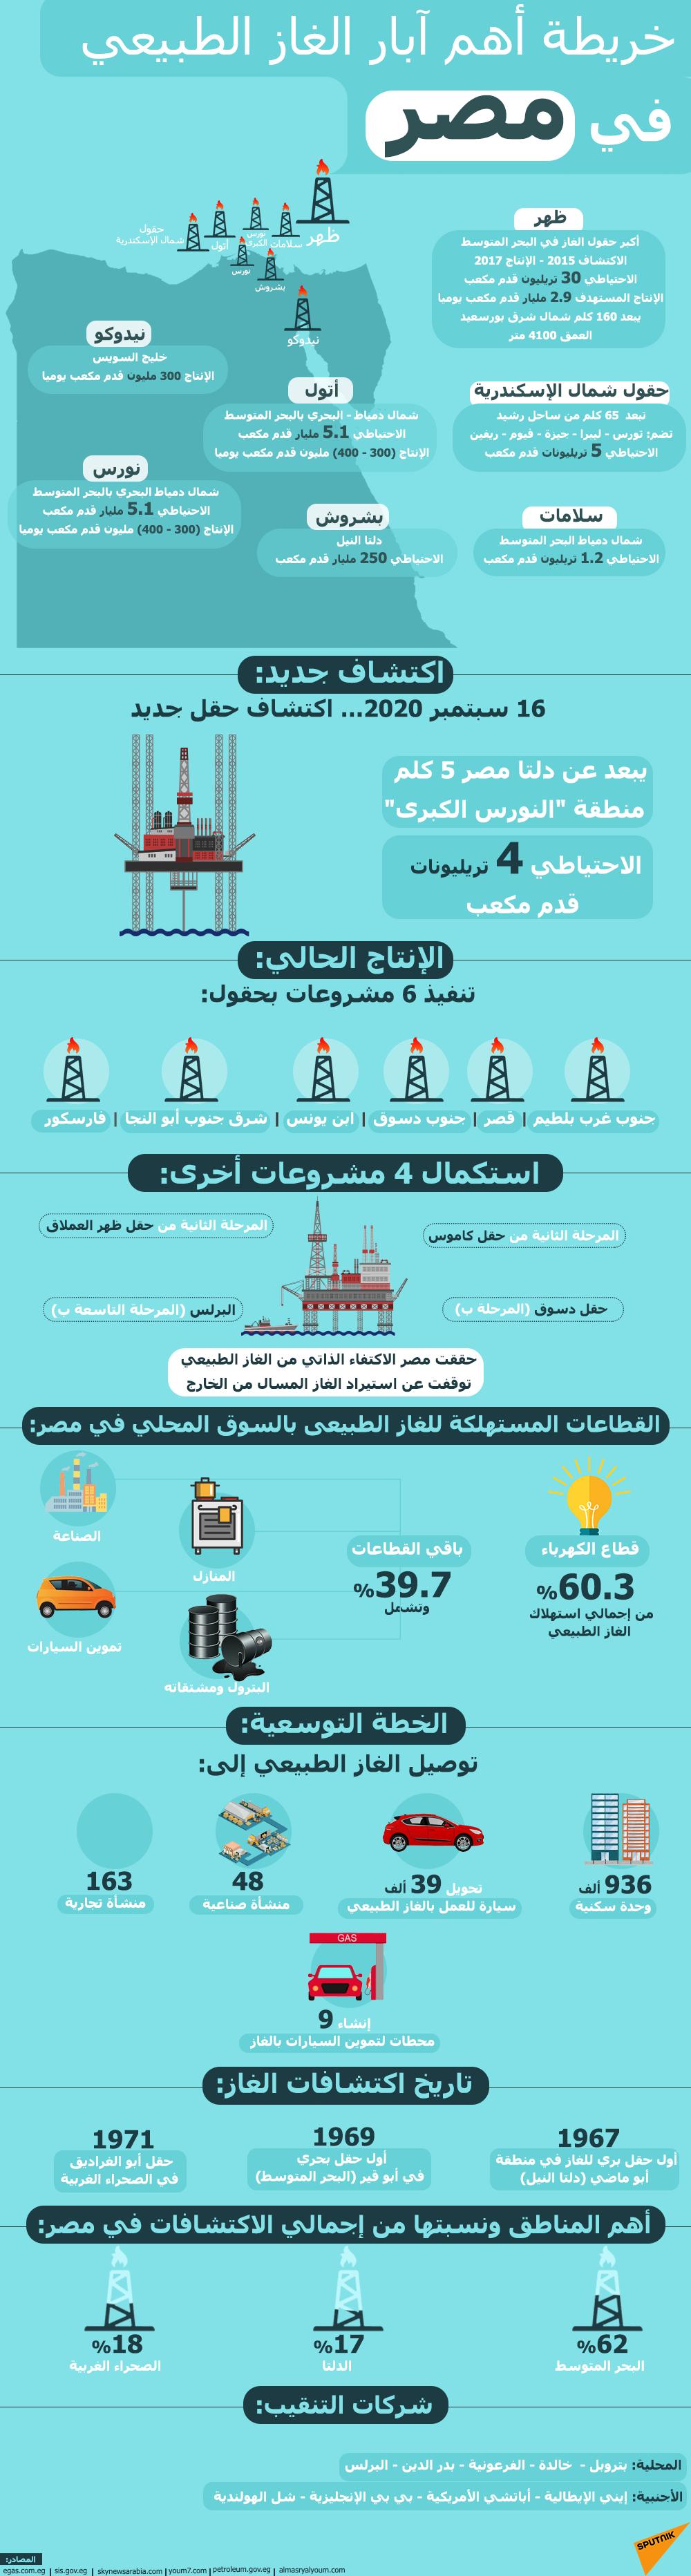 خريطة أهم آبار الغاز الطبيعي في مصر